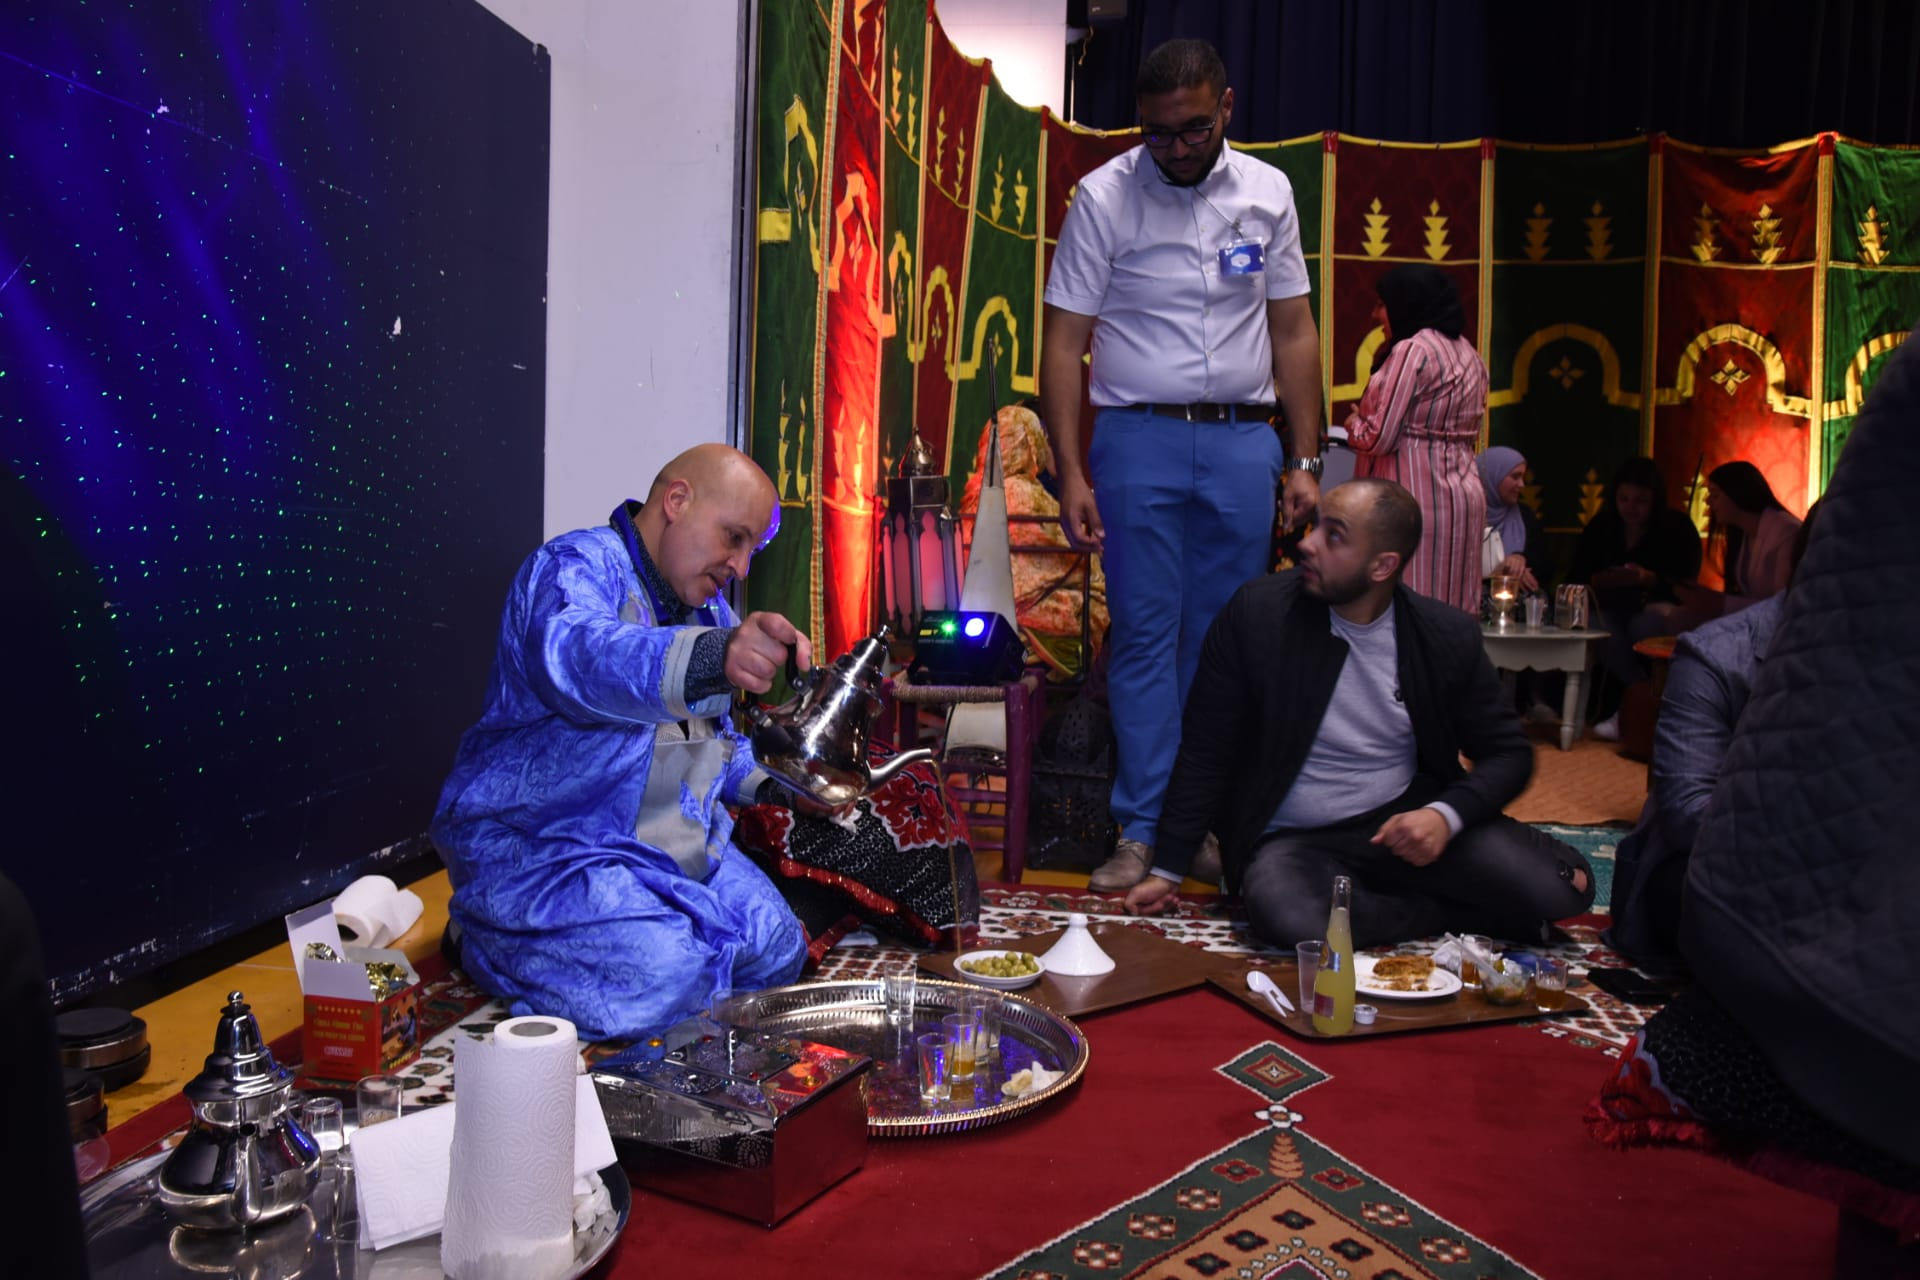 ربورتاج اليوم الثقافي الصحراوي المغربي بمدينة هاريلبيك البلجيكية